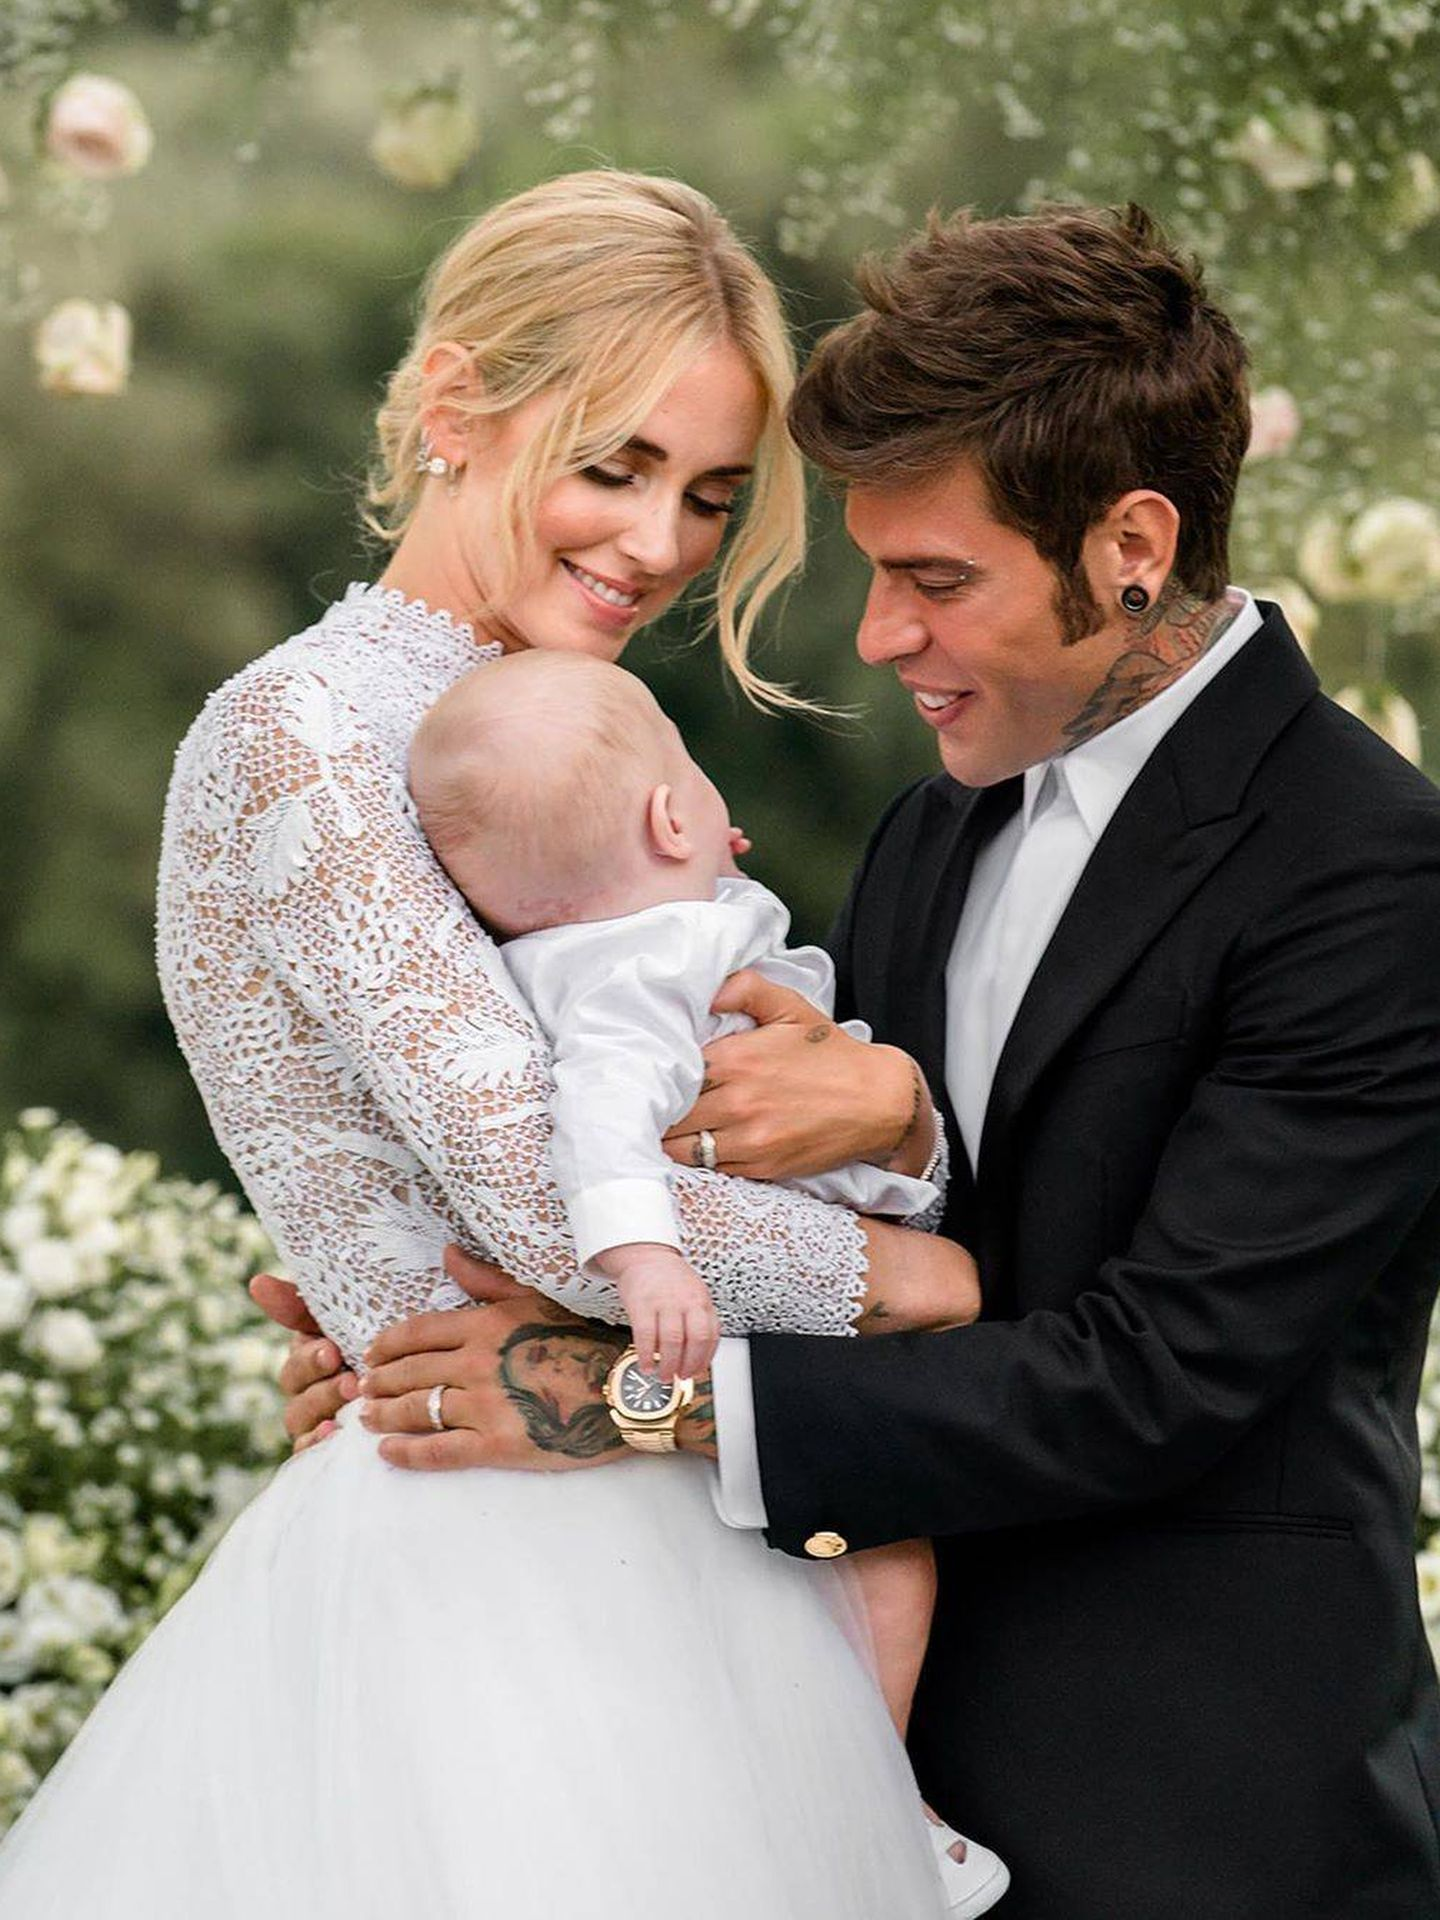 Chiara Ferragni y Fedez anuncian que esperan su segundo hijo. (Instagram @fedez)